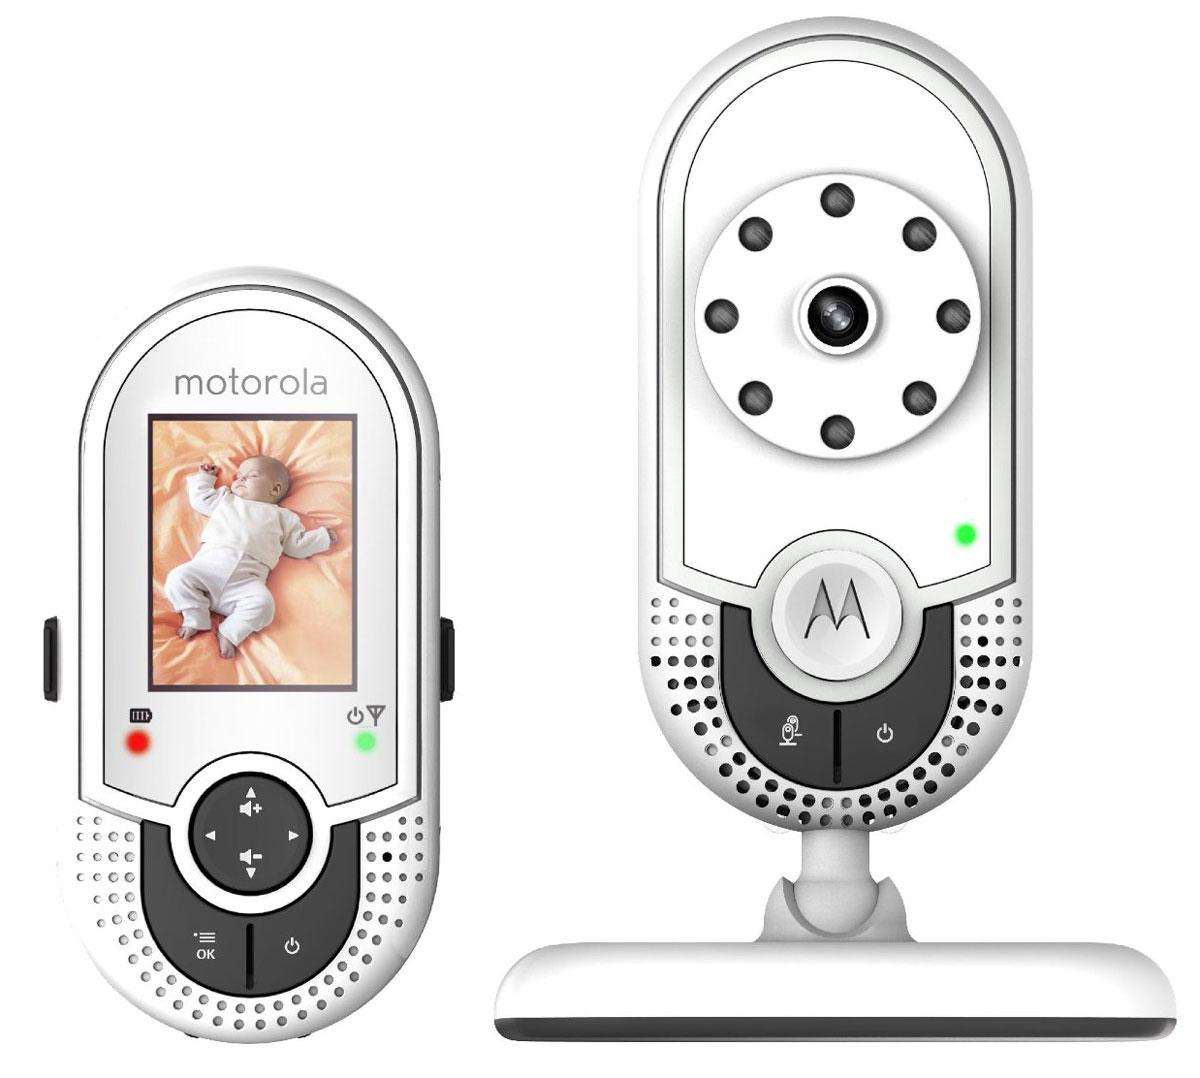 Motorola МВР621, White Silver видеоняня -  Безопасность ребенка